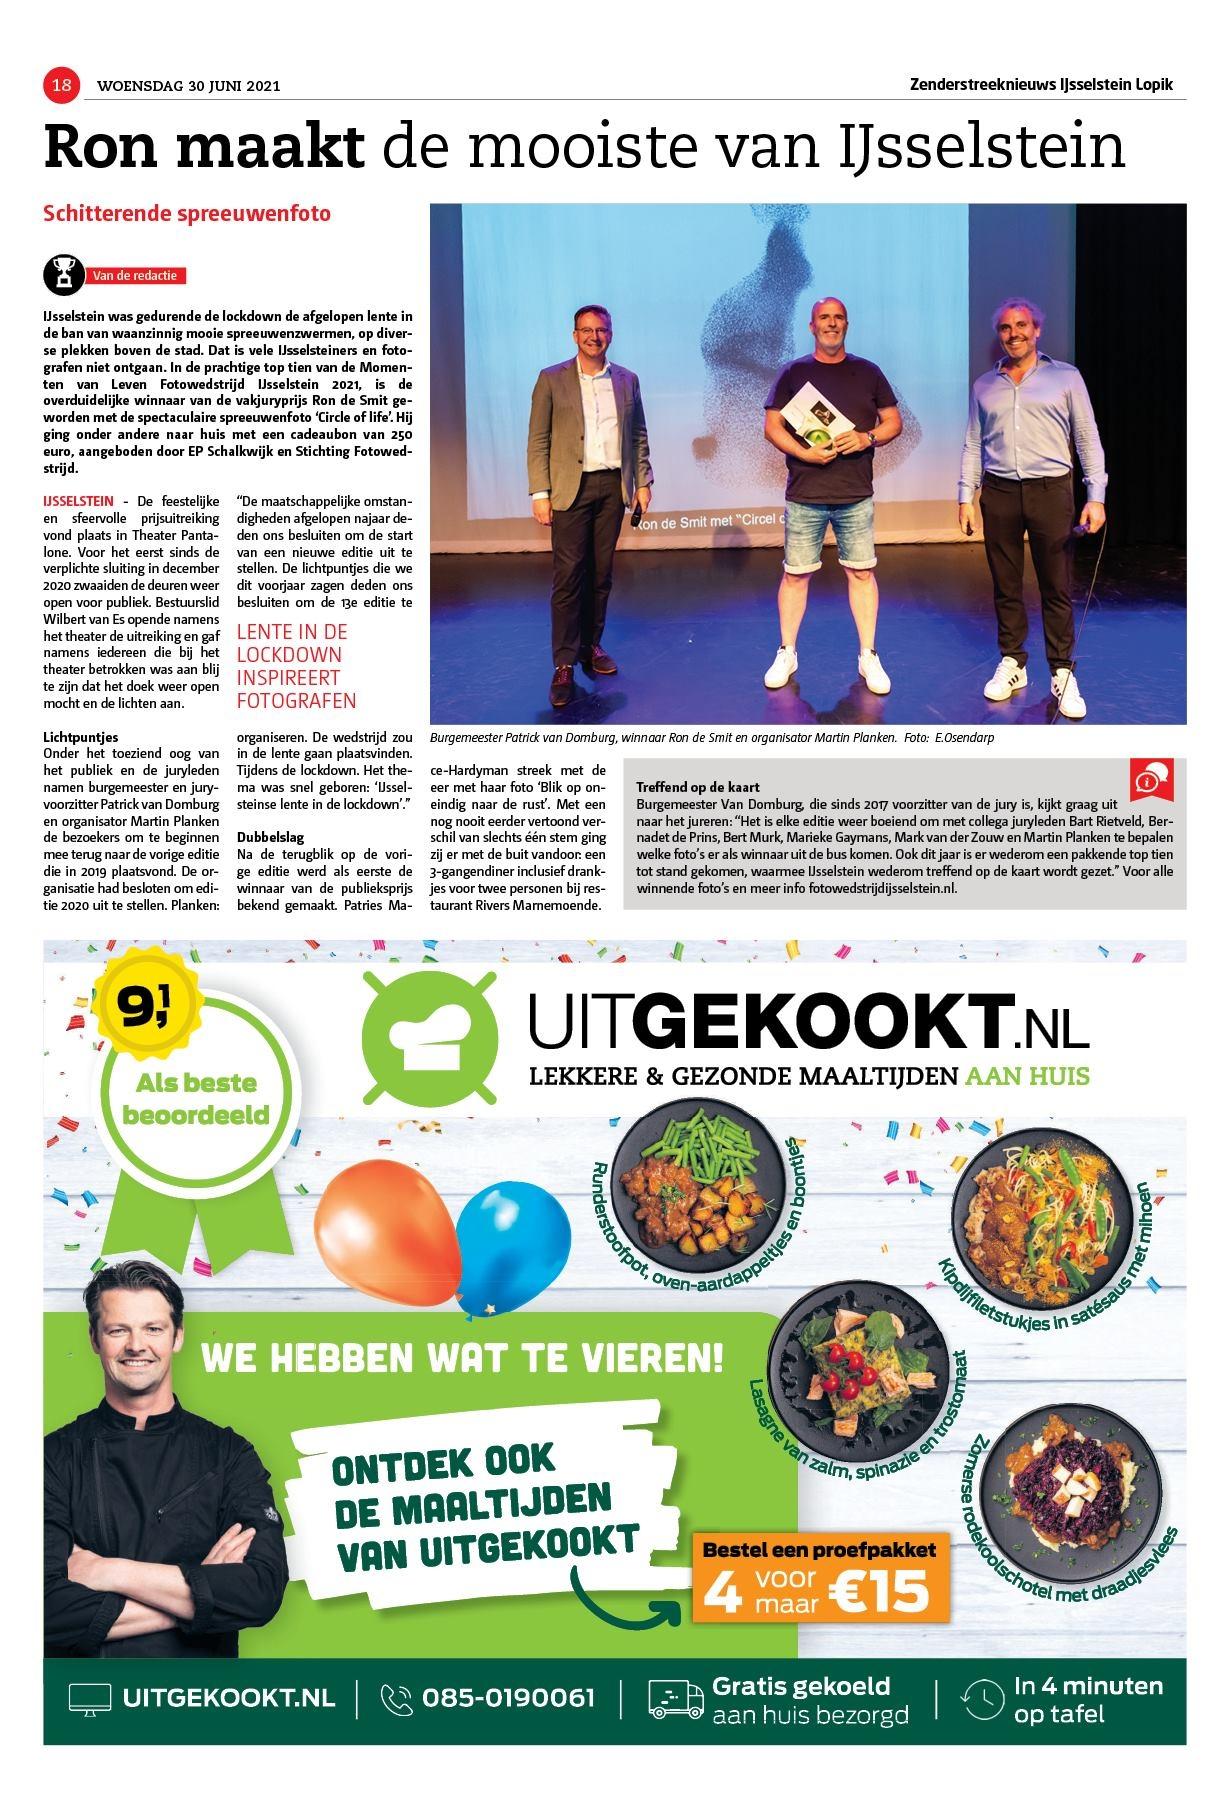 Momenten van Leven Fotowedstrijd IJsselstein 2021 Patrick van Domburg Ron de Smit Martin Planken Zenderstreeknieuws 30-06-2021